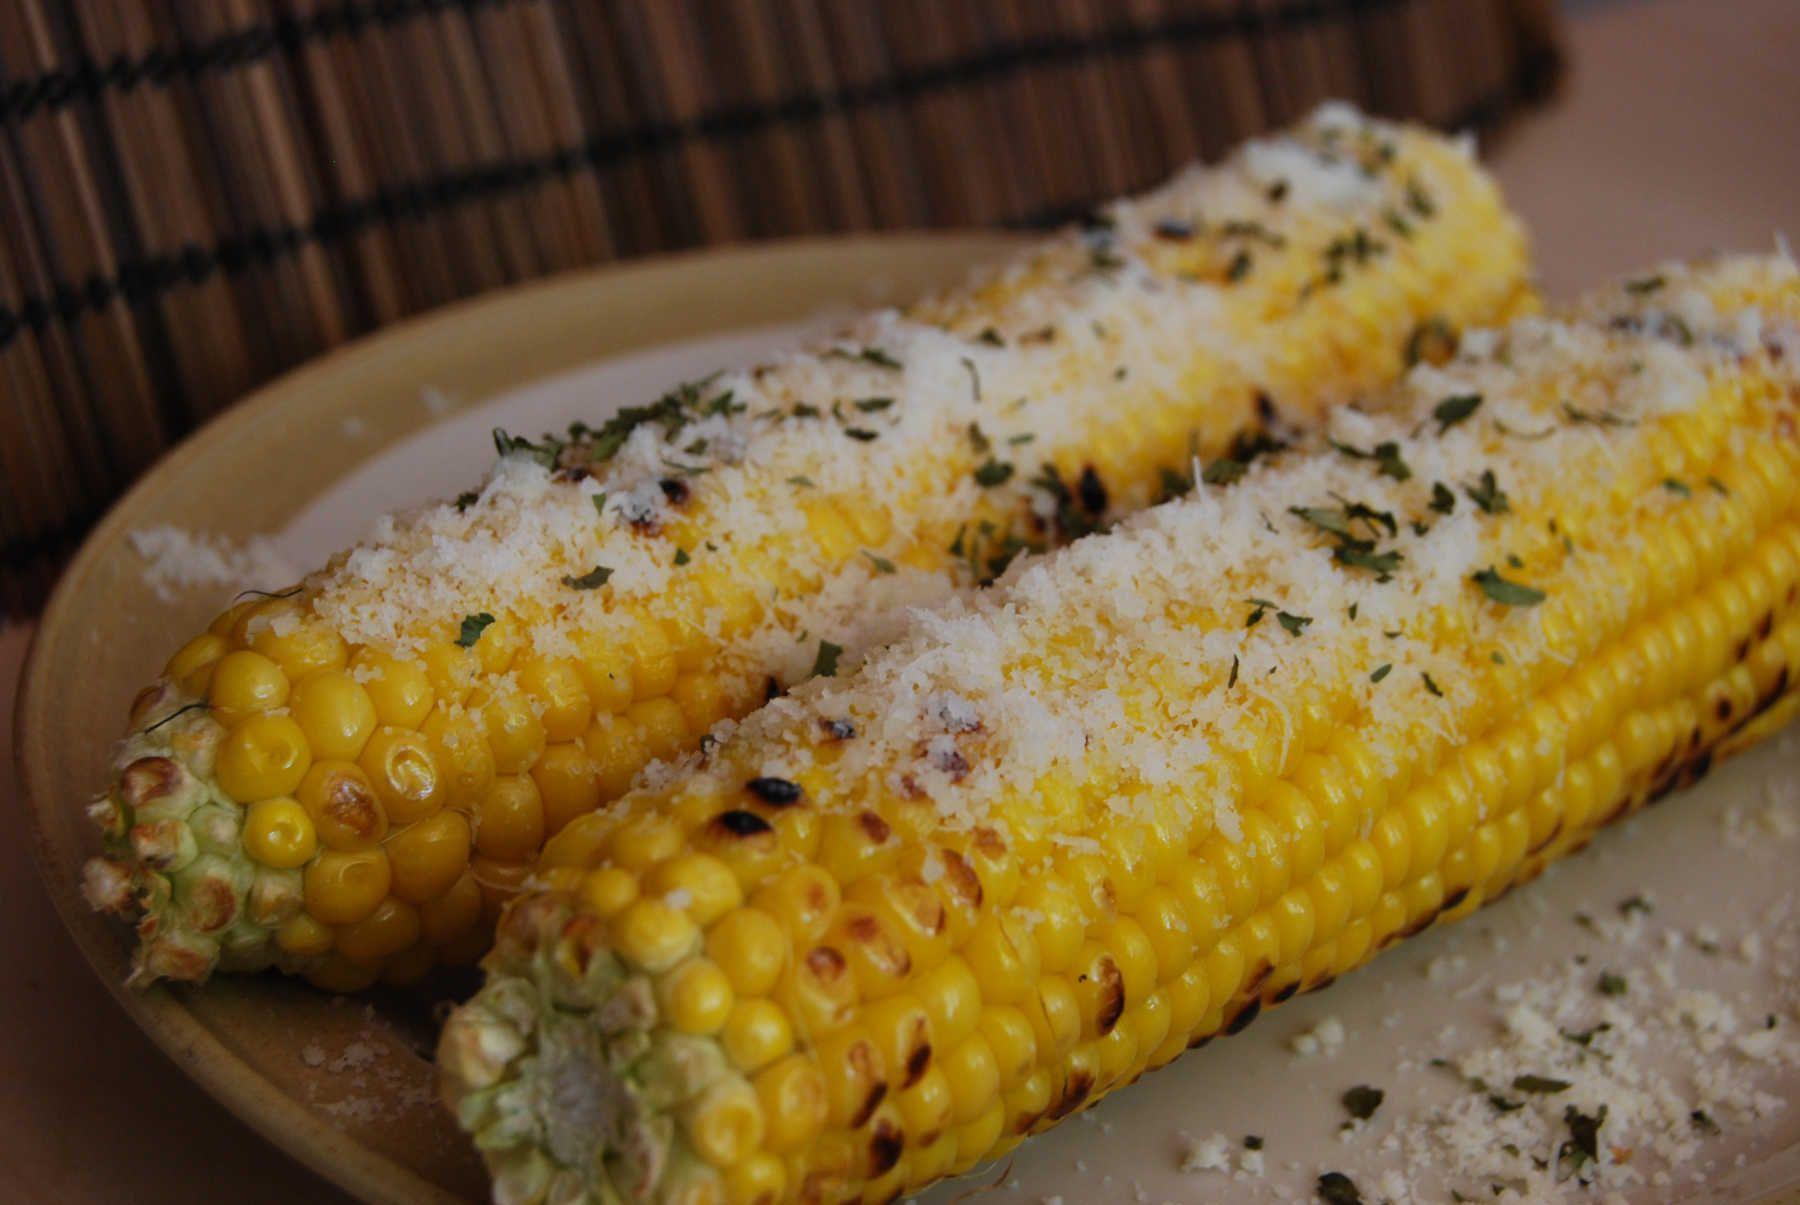 Parmesan corn on the cob